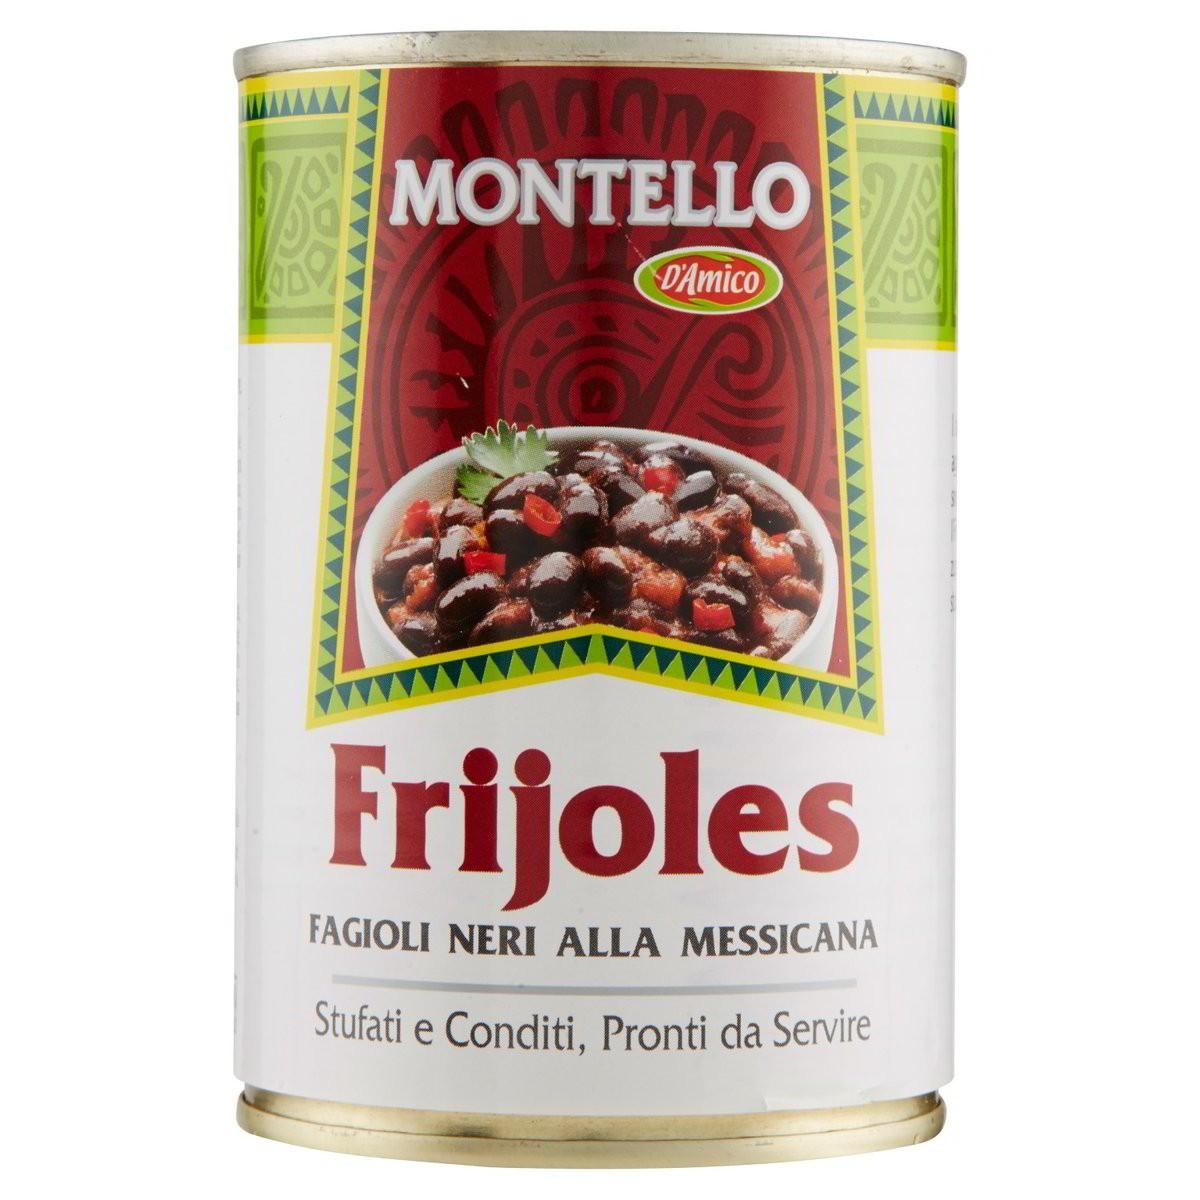 Montello Fagioli neri alla messicana Frijoles